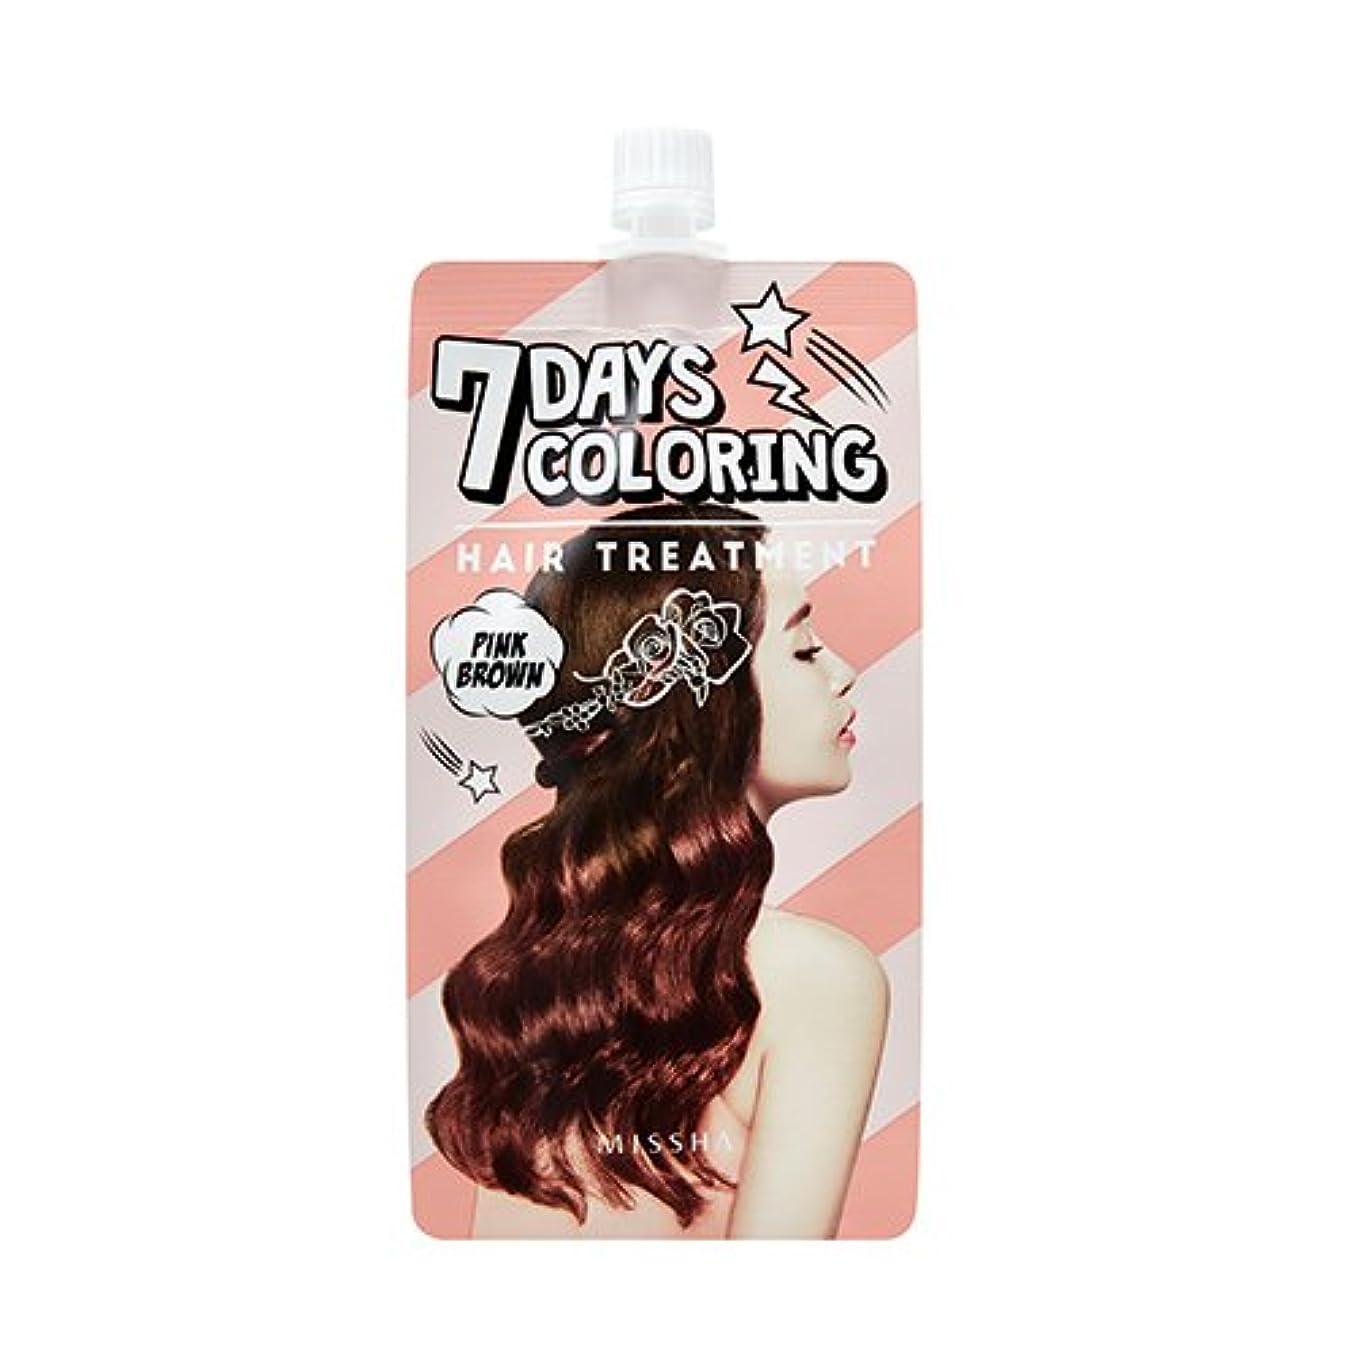 小切手球体瞳MISSHA 7 Days Coloring Hair Treatment 25ml/ミシャ 7デイズ カラーリング ヘア トリートメント 25ml (#Pink Brown) [並行輸入品]